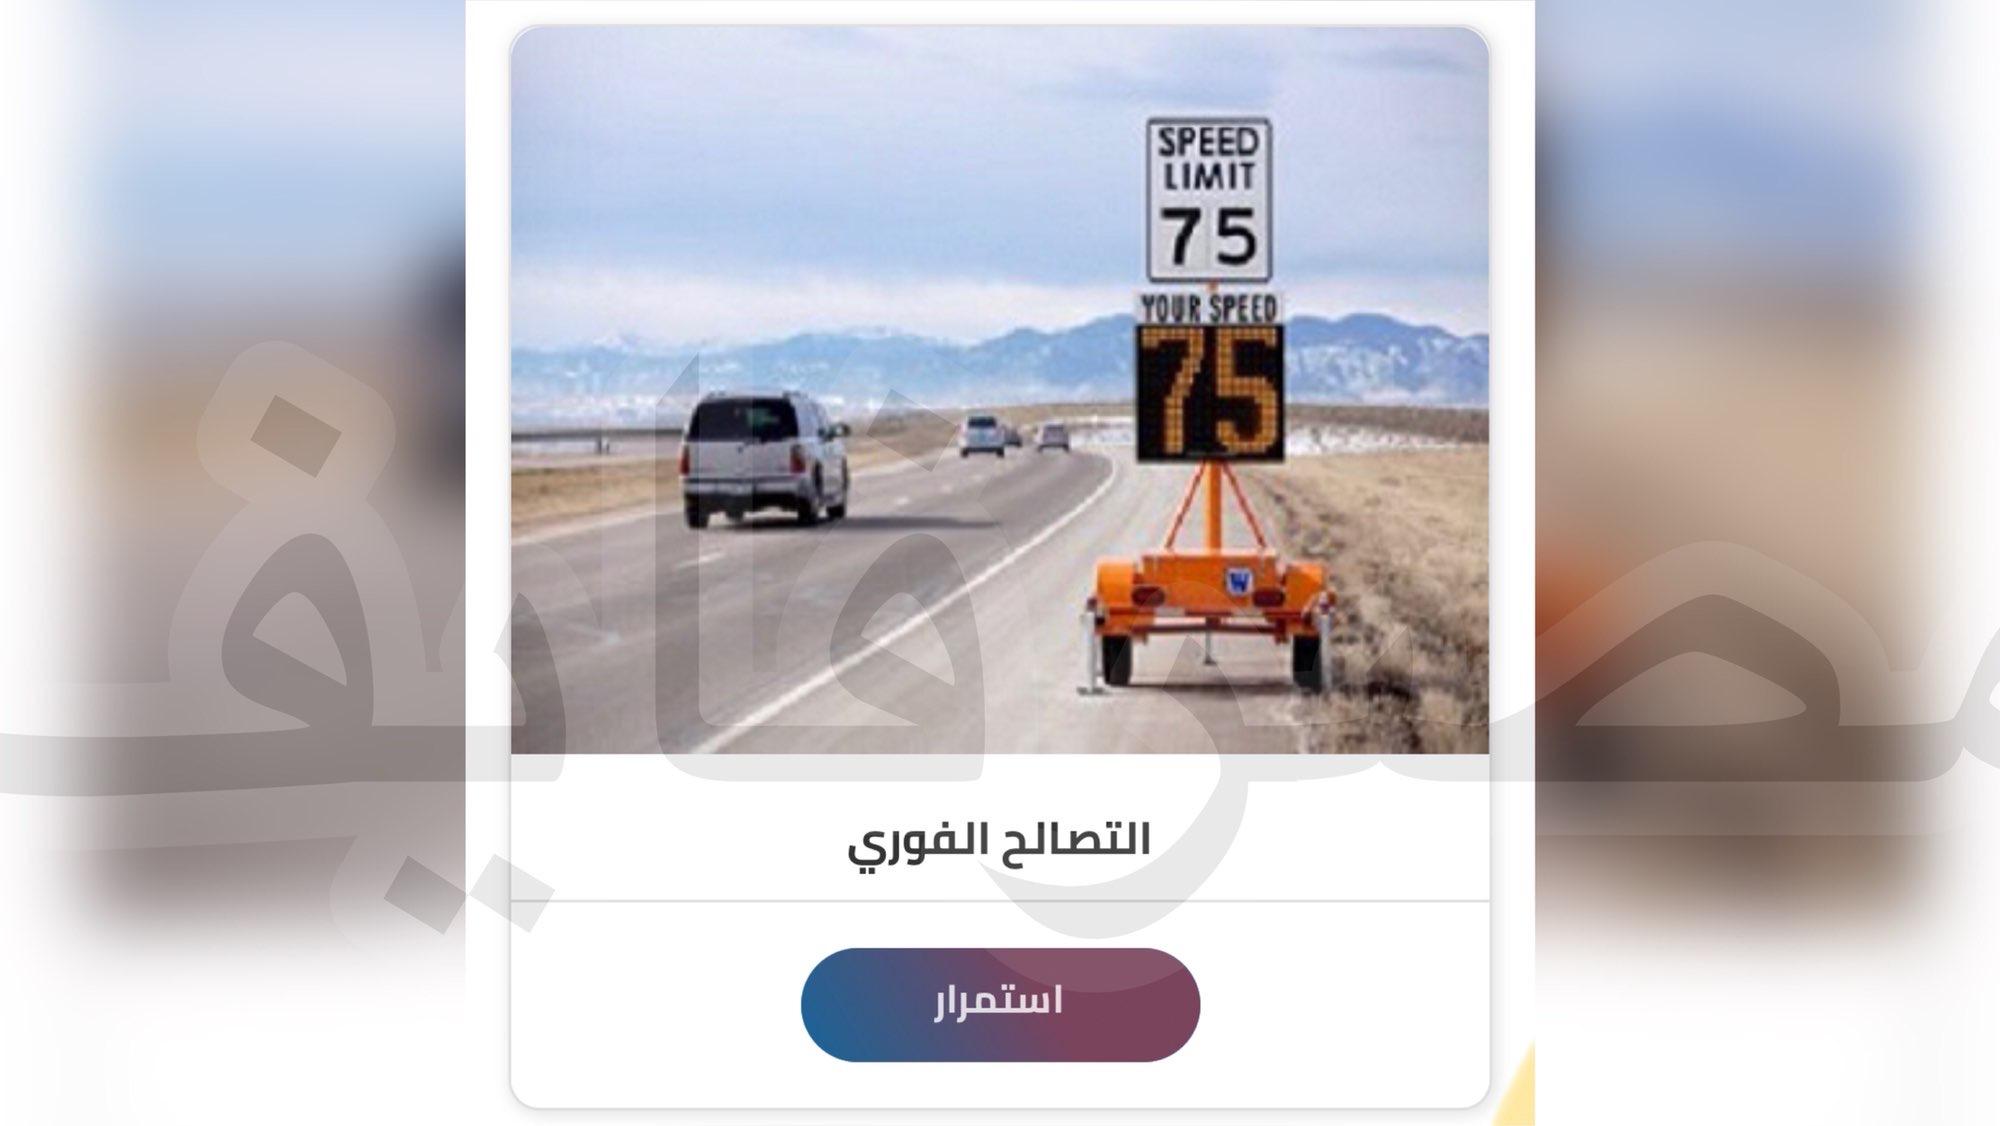 المضاعفة وعدم التصالح عقوبات تواجه مرتكبي مخالفات المرور 2021